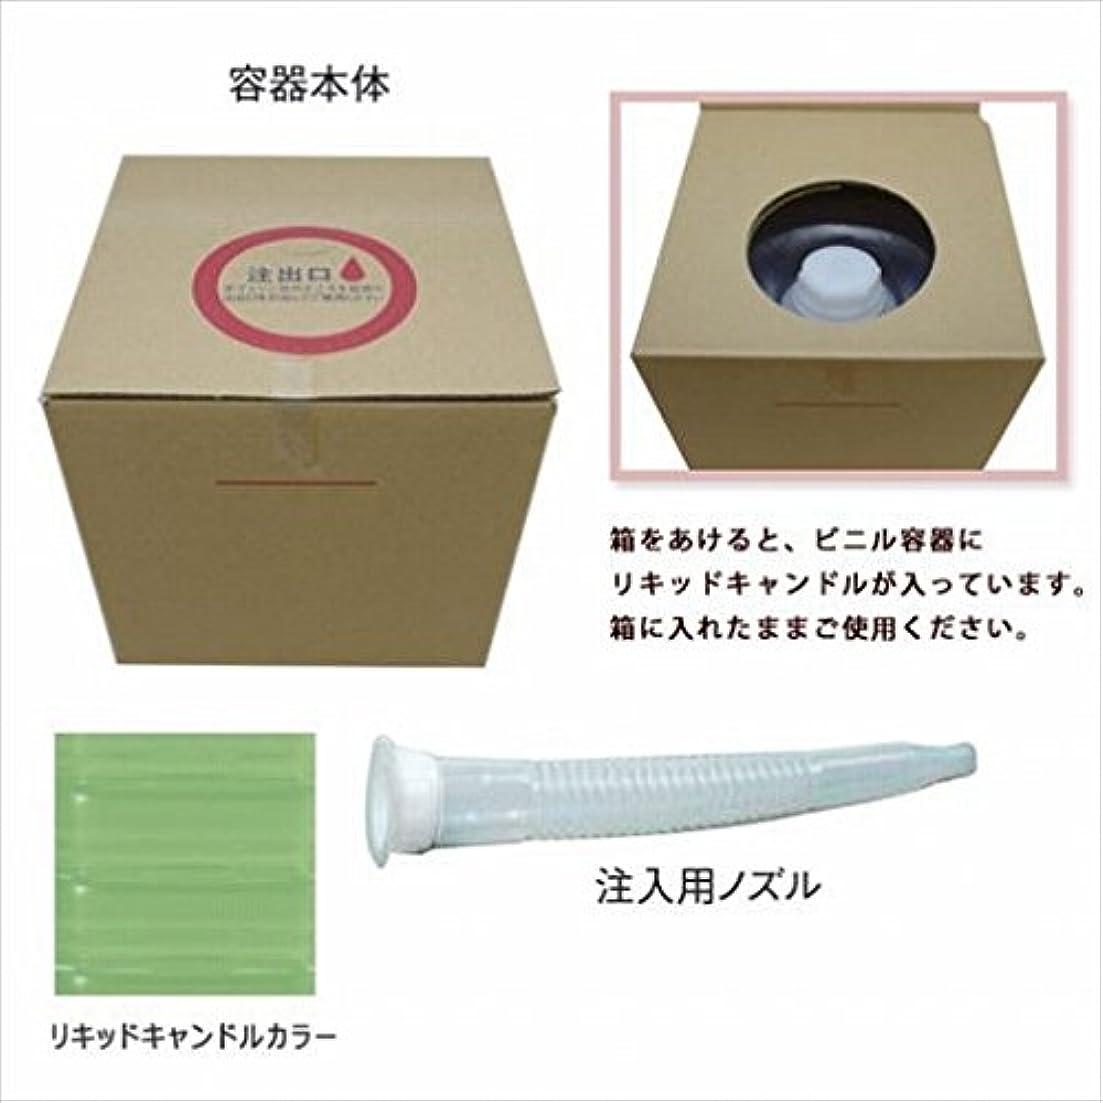 消毒する歩行者サーバカメヤマキャンドル(kameyama candle) リキッドキャンドル5リットル 「 ライトグリーン 」